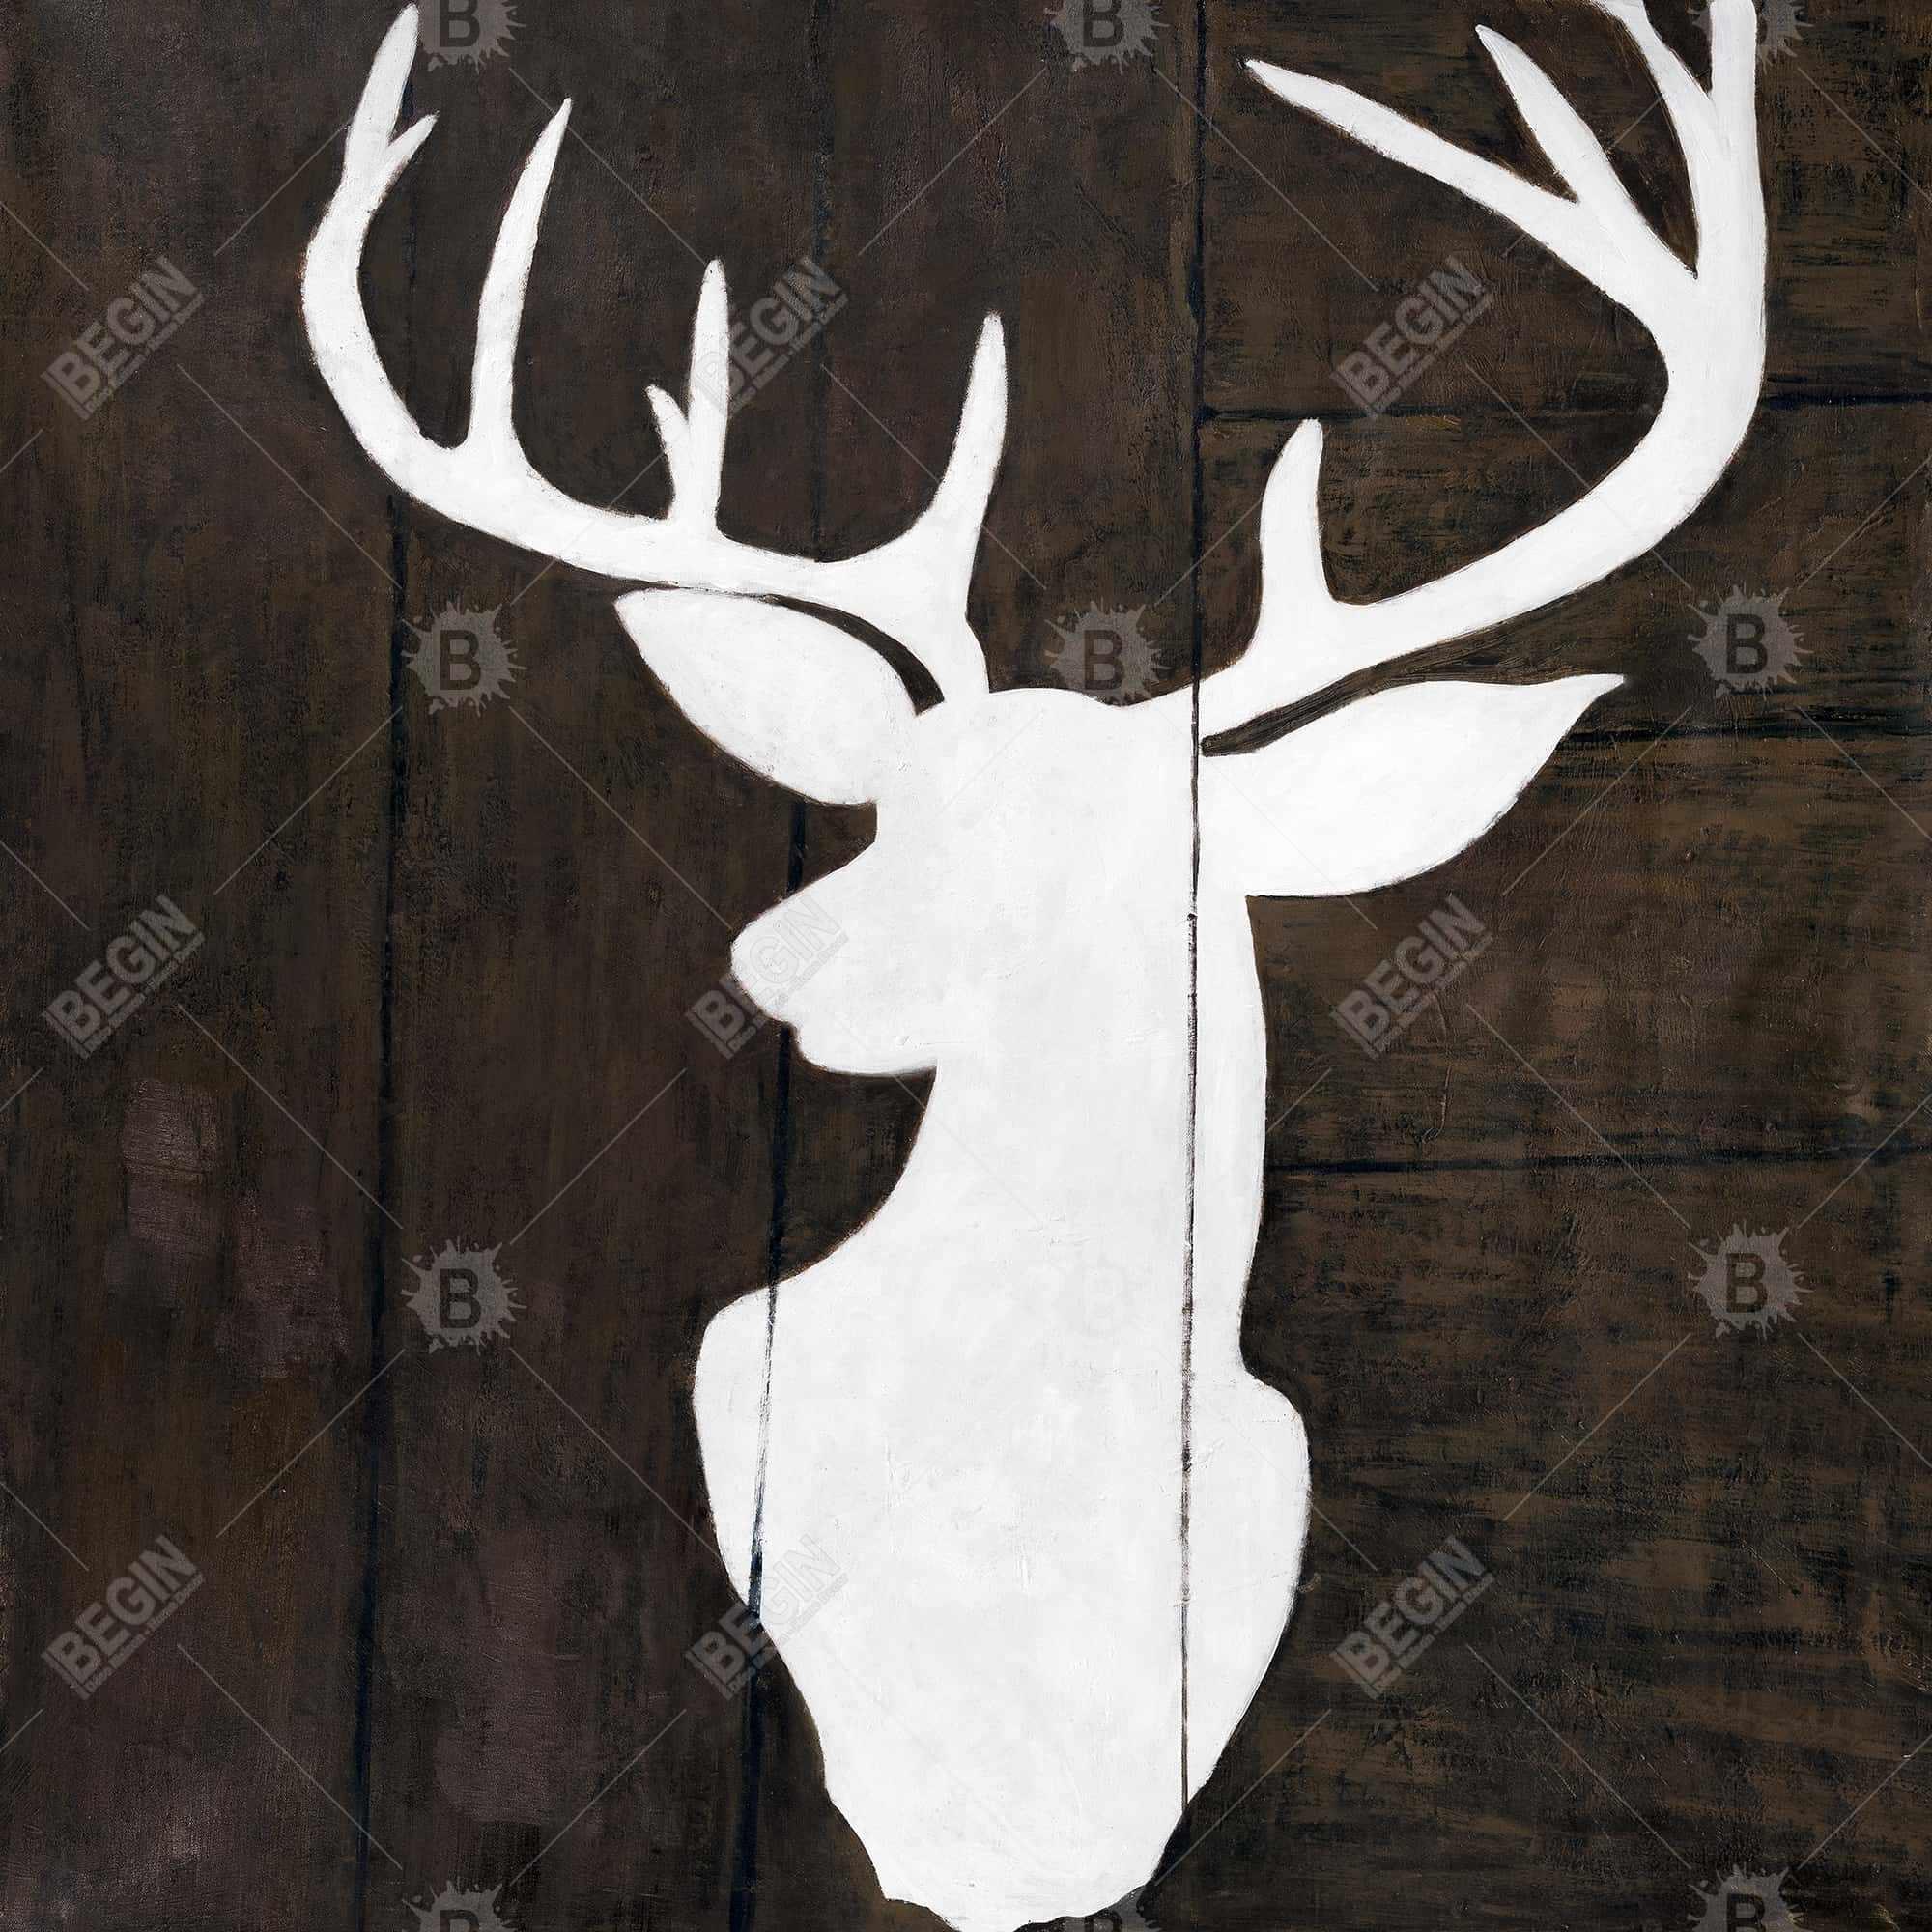 Silhouette of a deer on wood